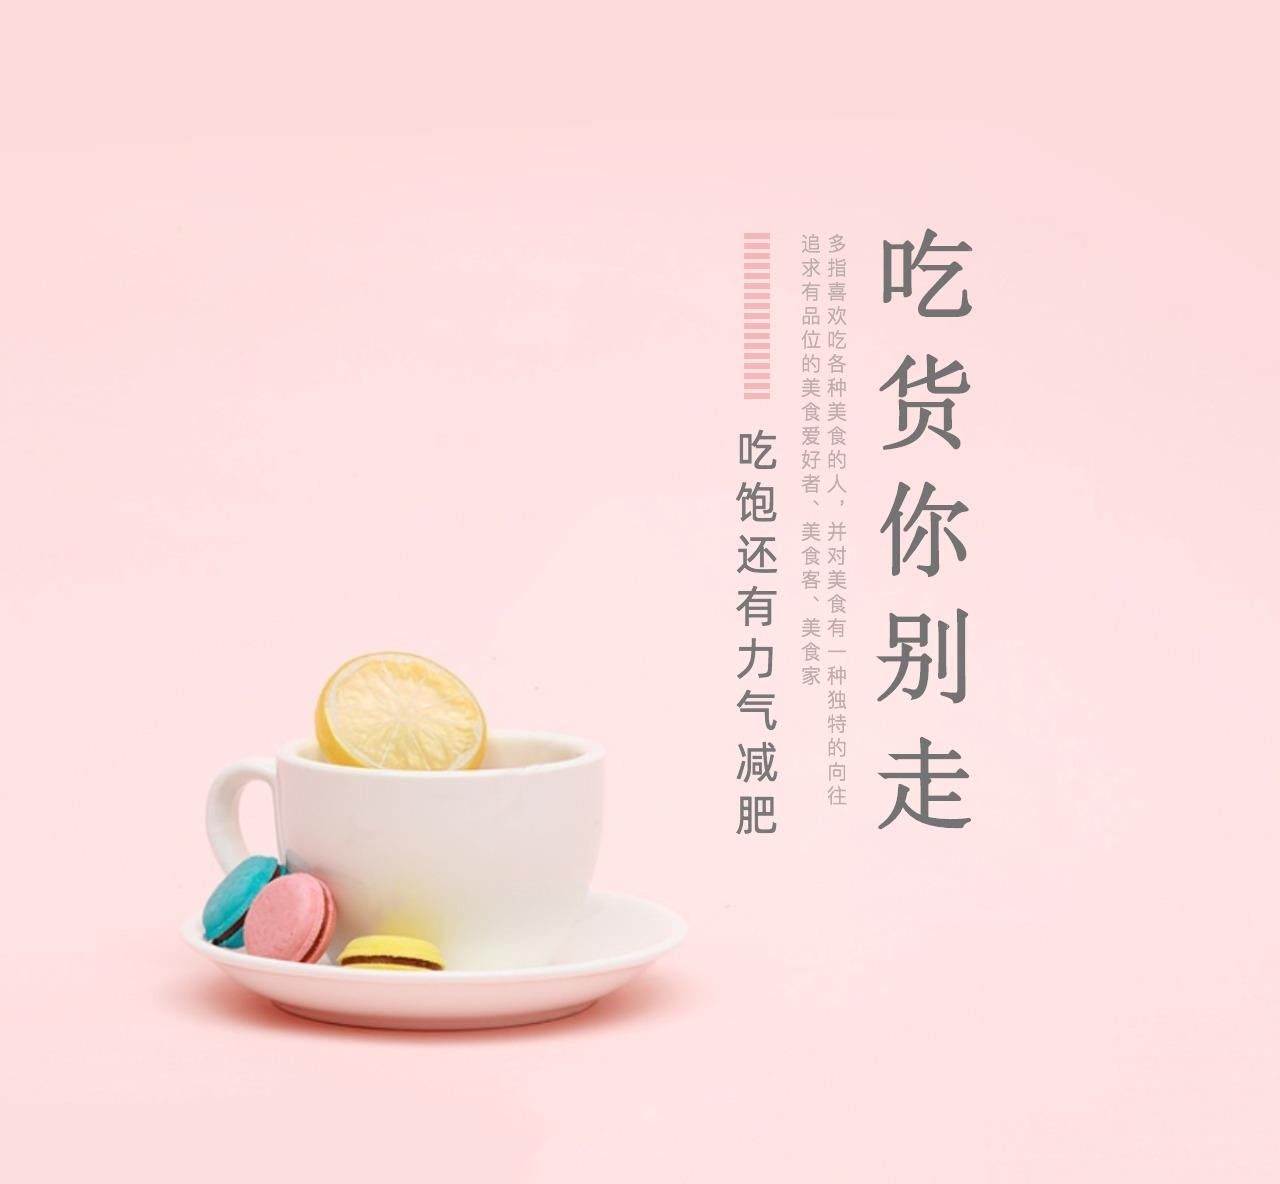 简约大气美食粉色微信朋友圈封面